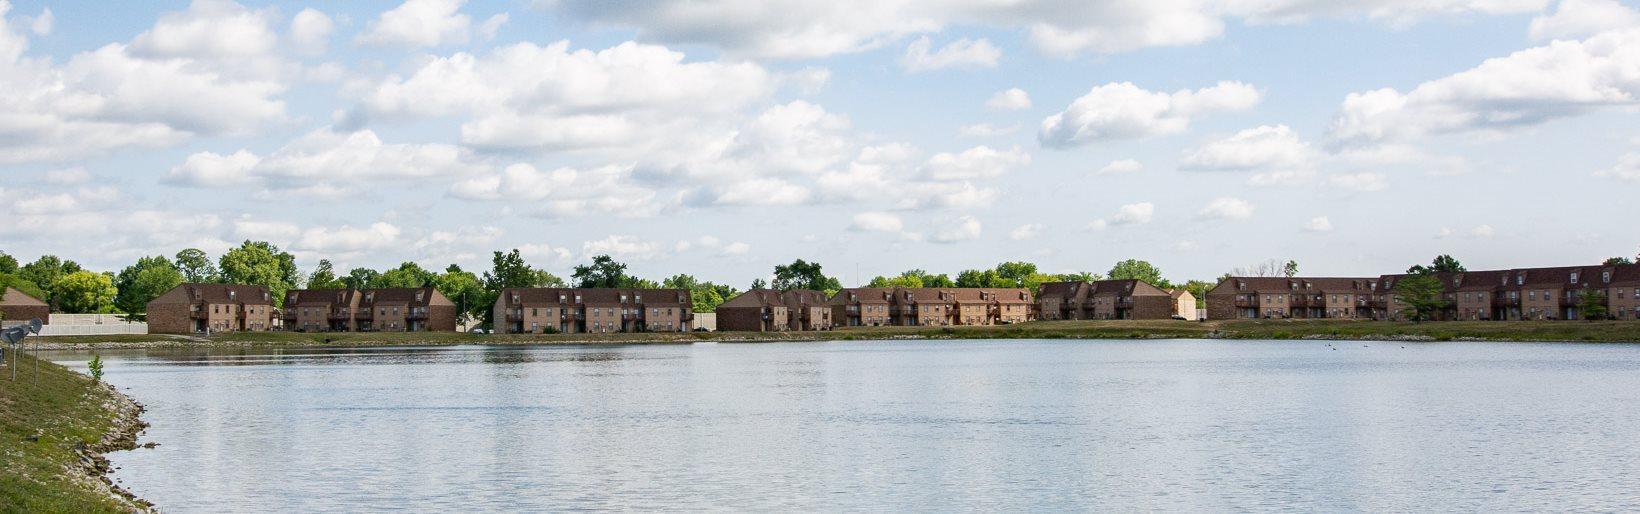 Sky View at Lake Marina Apartments, Indiana, 46229